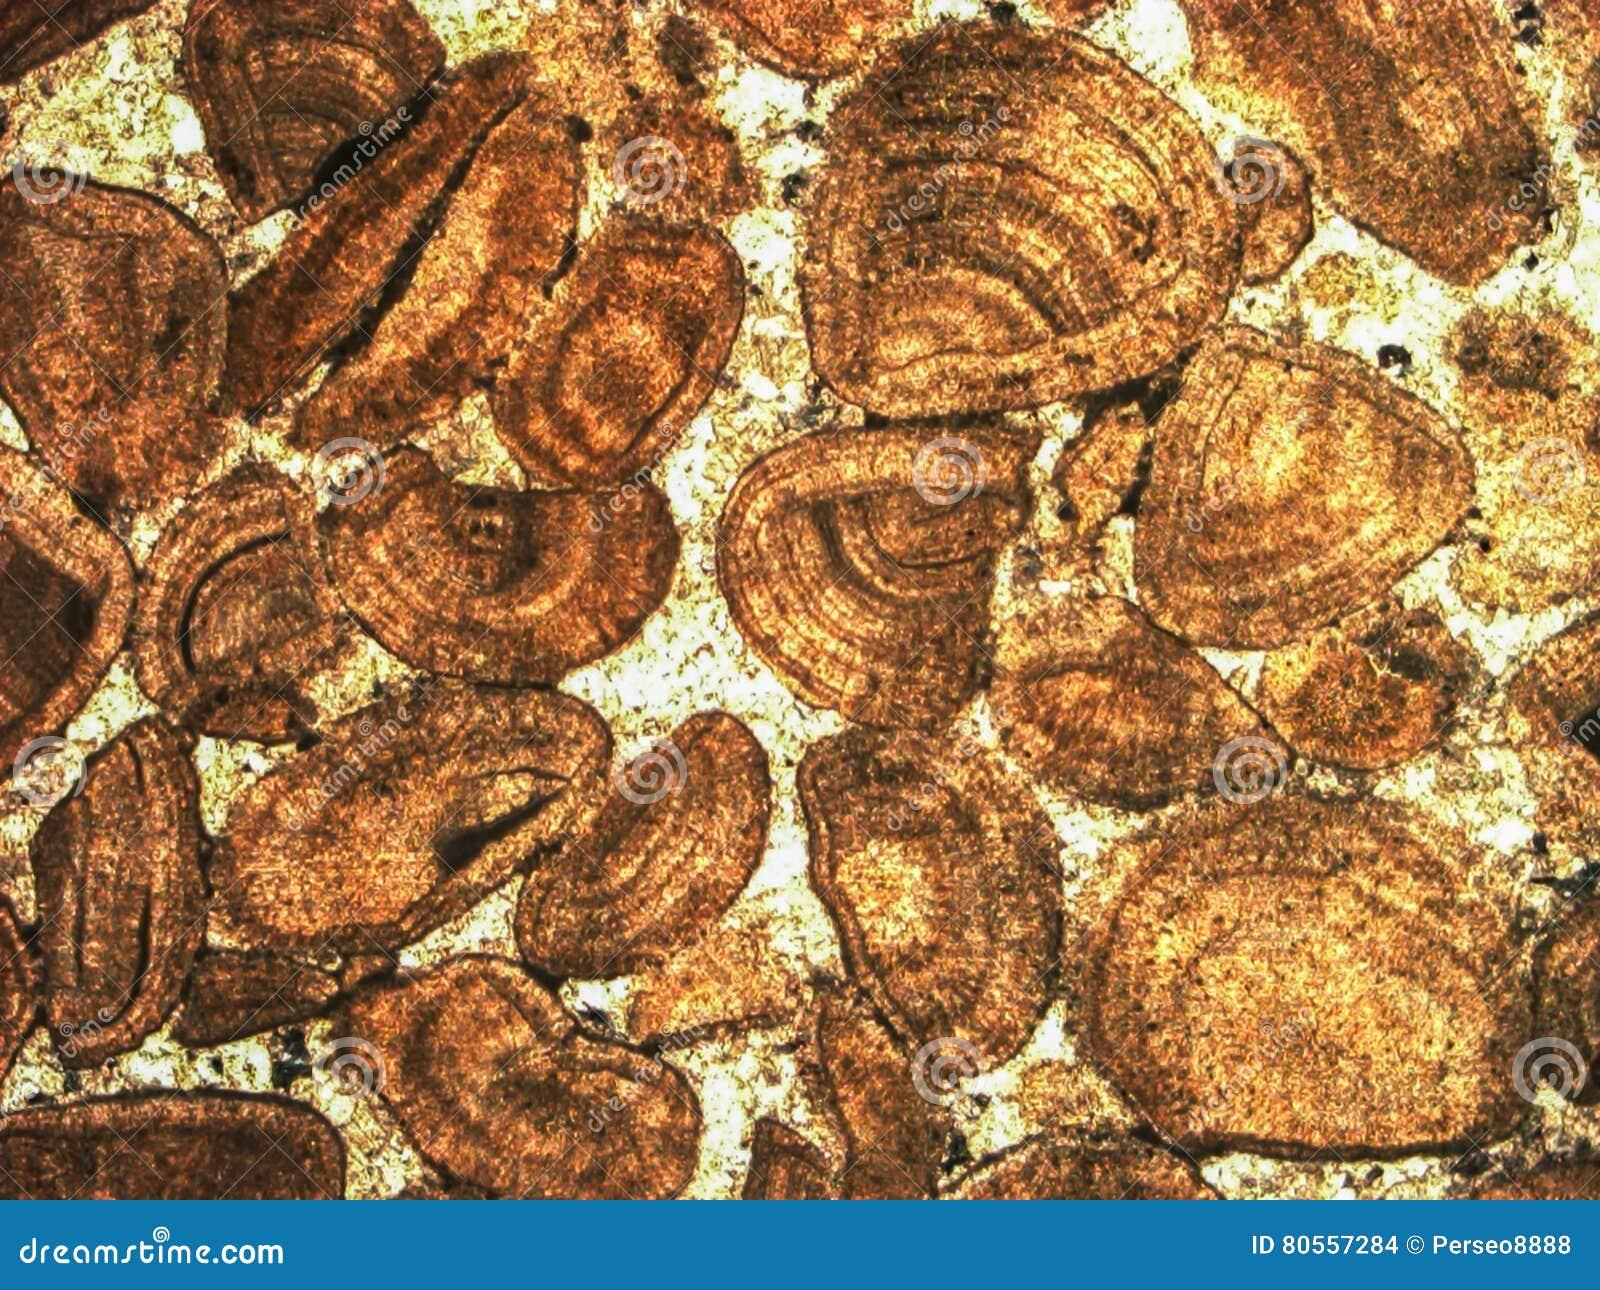 Mikro-foto av det geologiska tunna avsnittet under kors-polariserat ljus